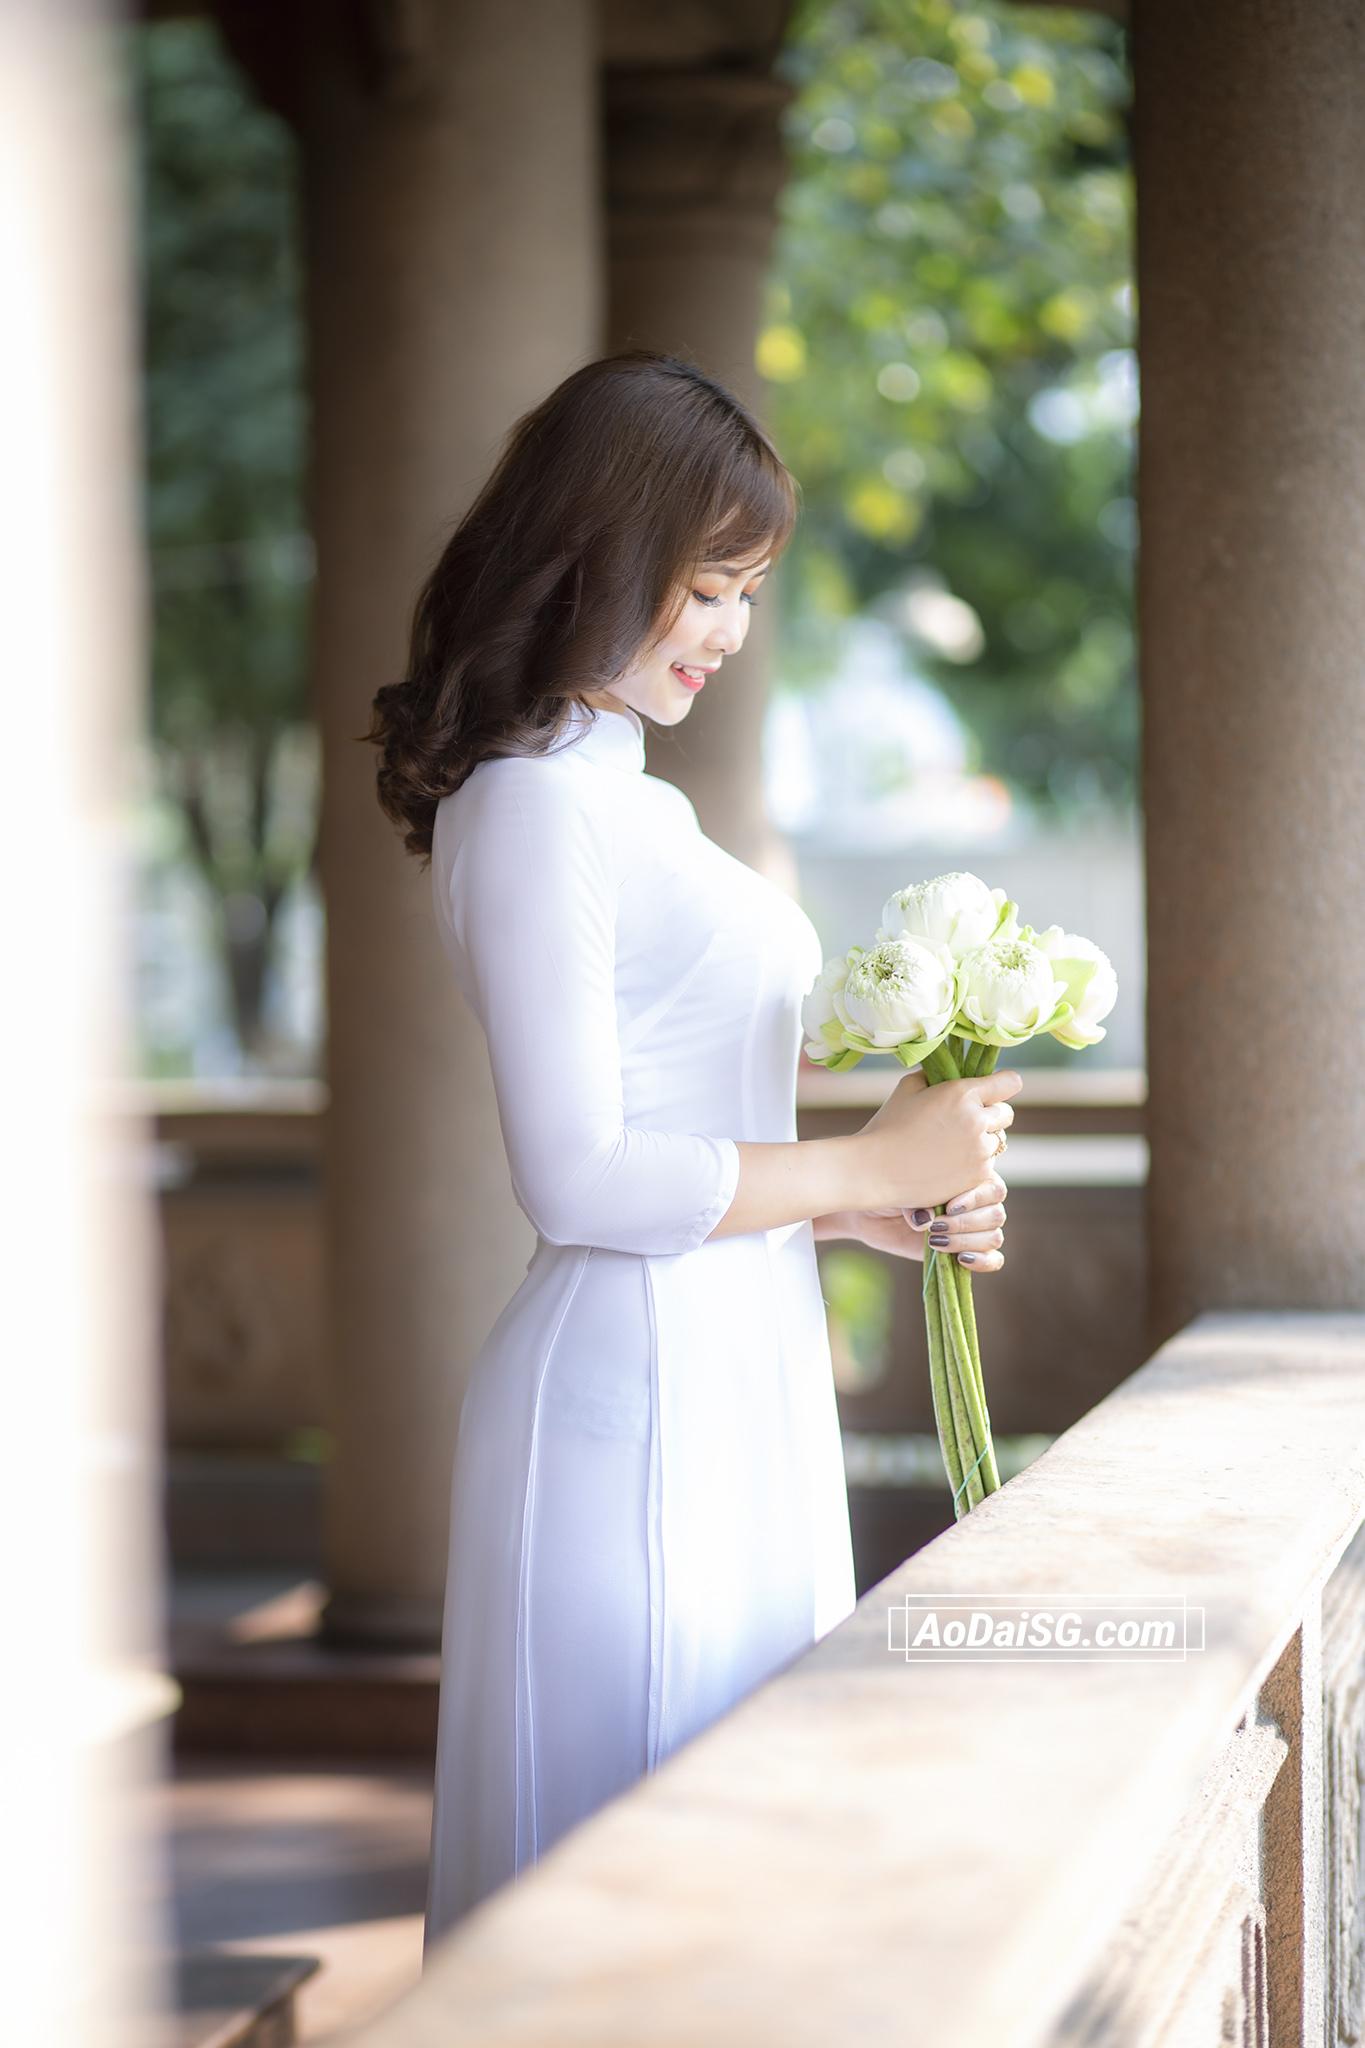 Ảnh áo dài trắng ở Thiền Viện Vạn Hạnh